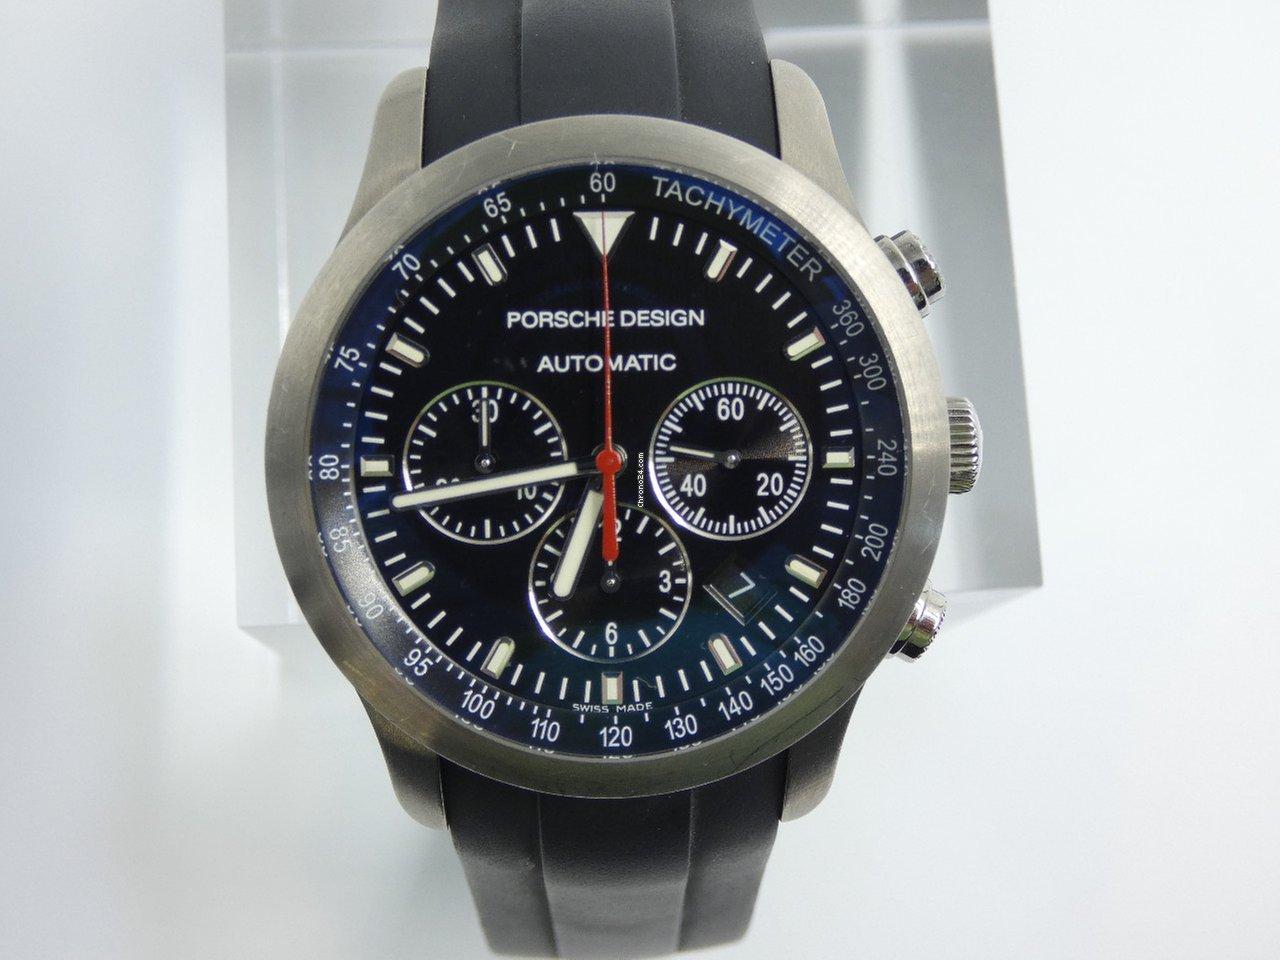 874b3c56ced7 Relojes Porsche Design - Precios de todos los relojes Porsche Design en  Chrono24